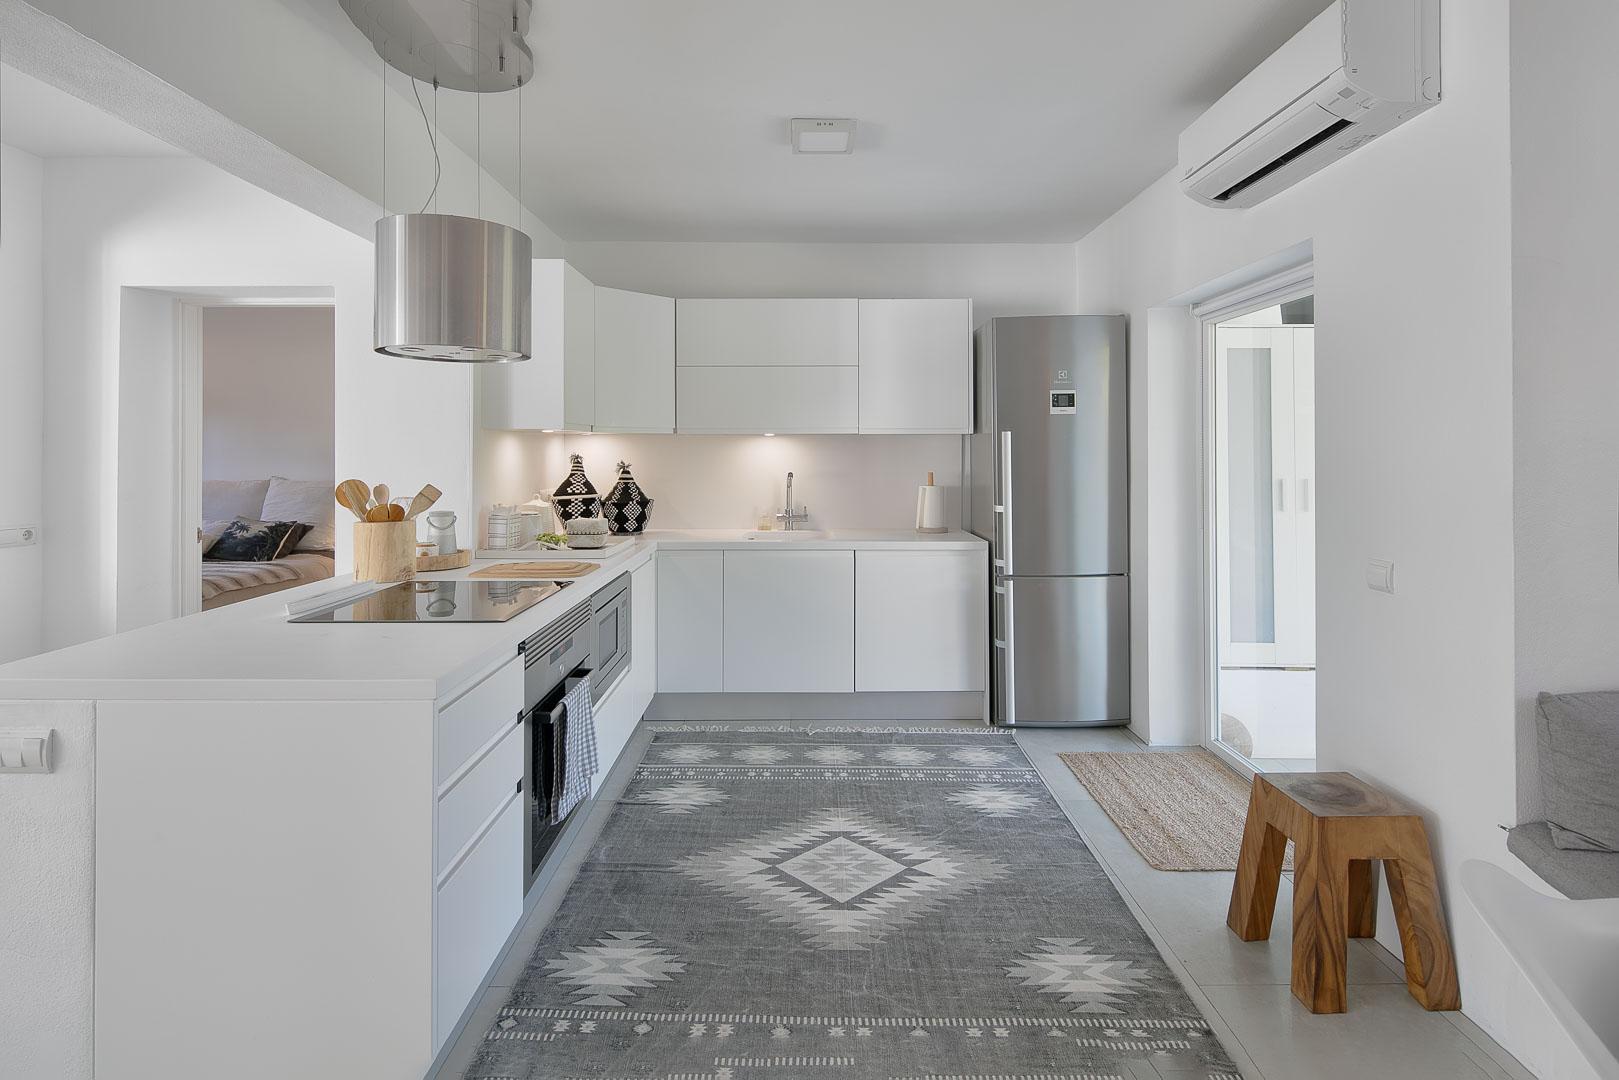 Imagen arquitectura real estate interior cocina casa campo en Ibiza